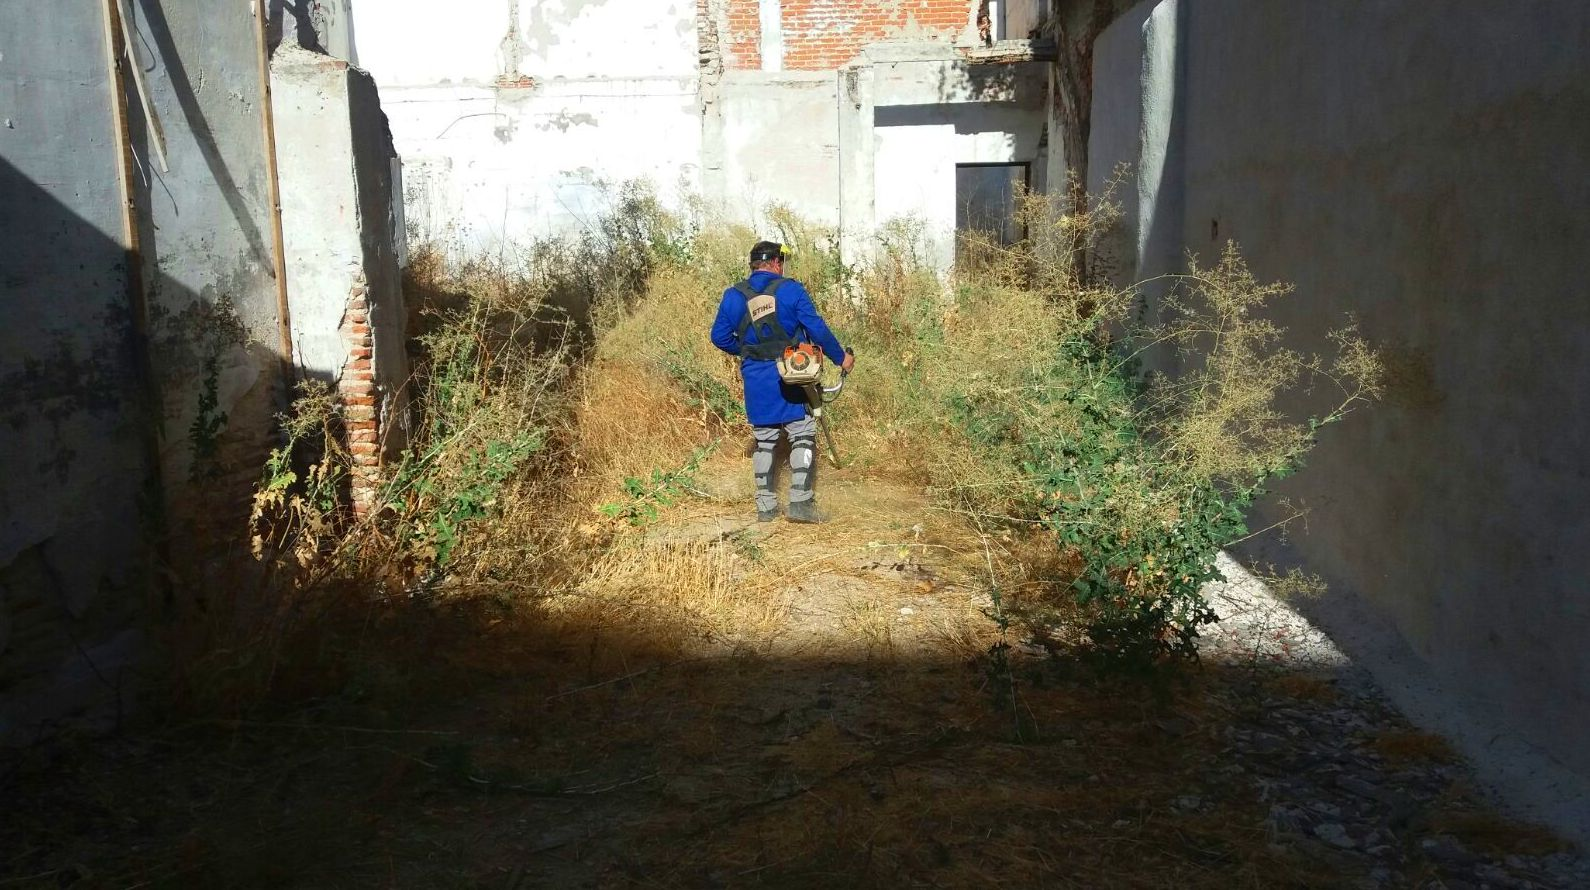 Foto 10 de Especialistas en reformas integrales, mantenimiento de jardines e impermeabilizaciones en Toledo | Reformas DS